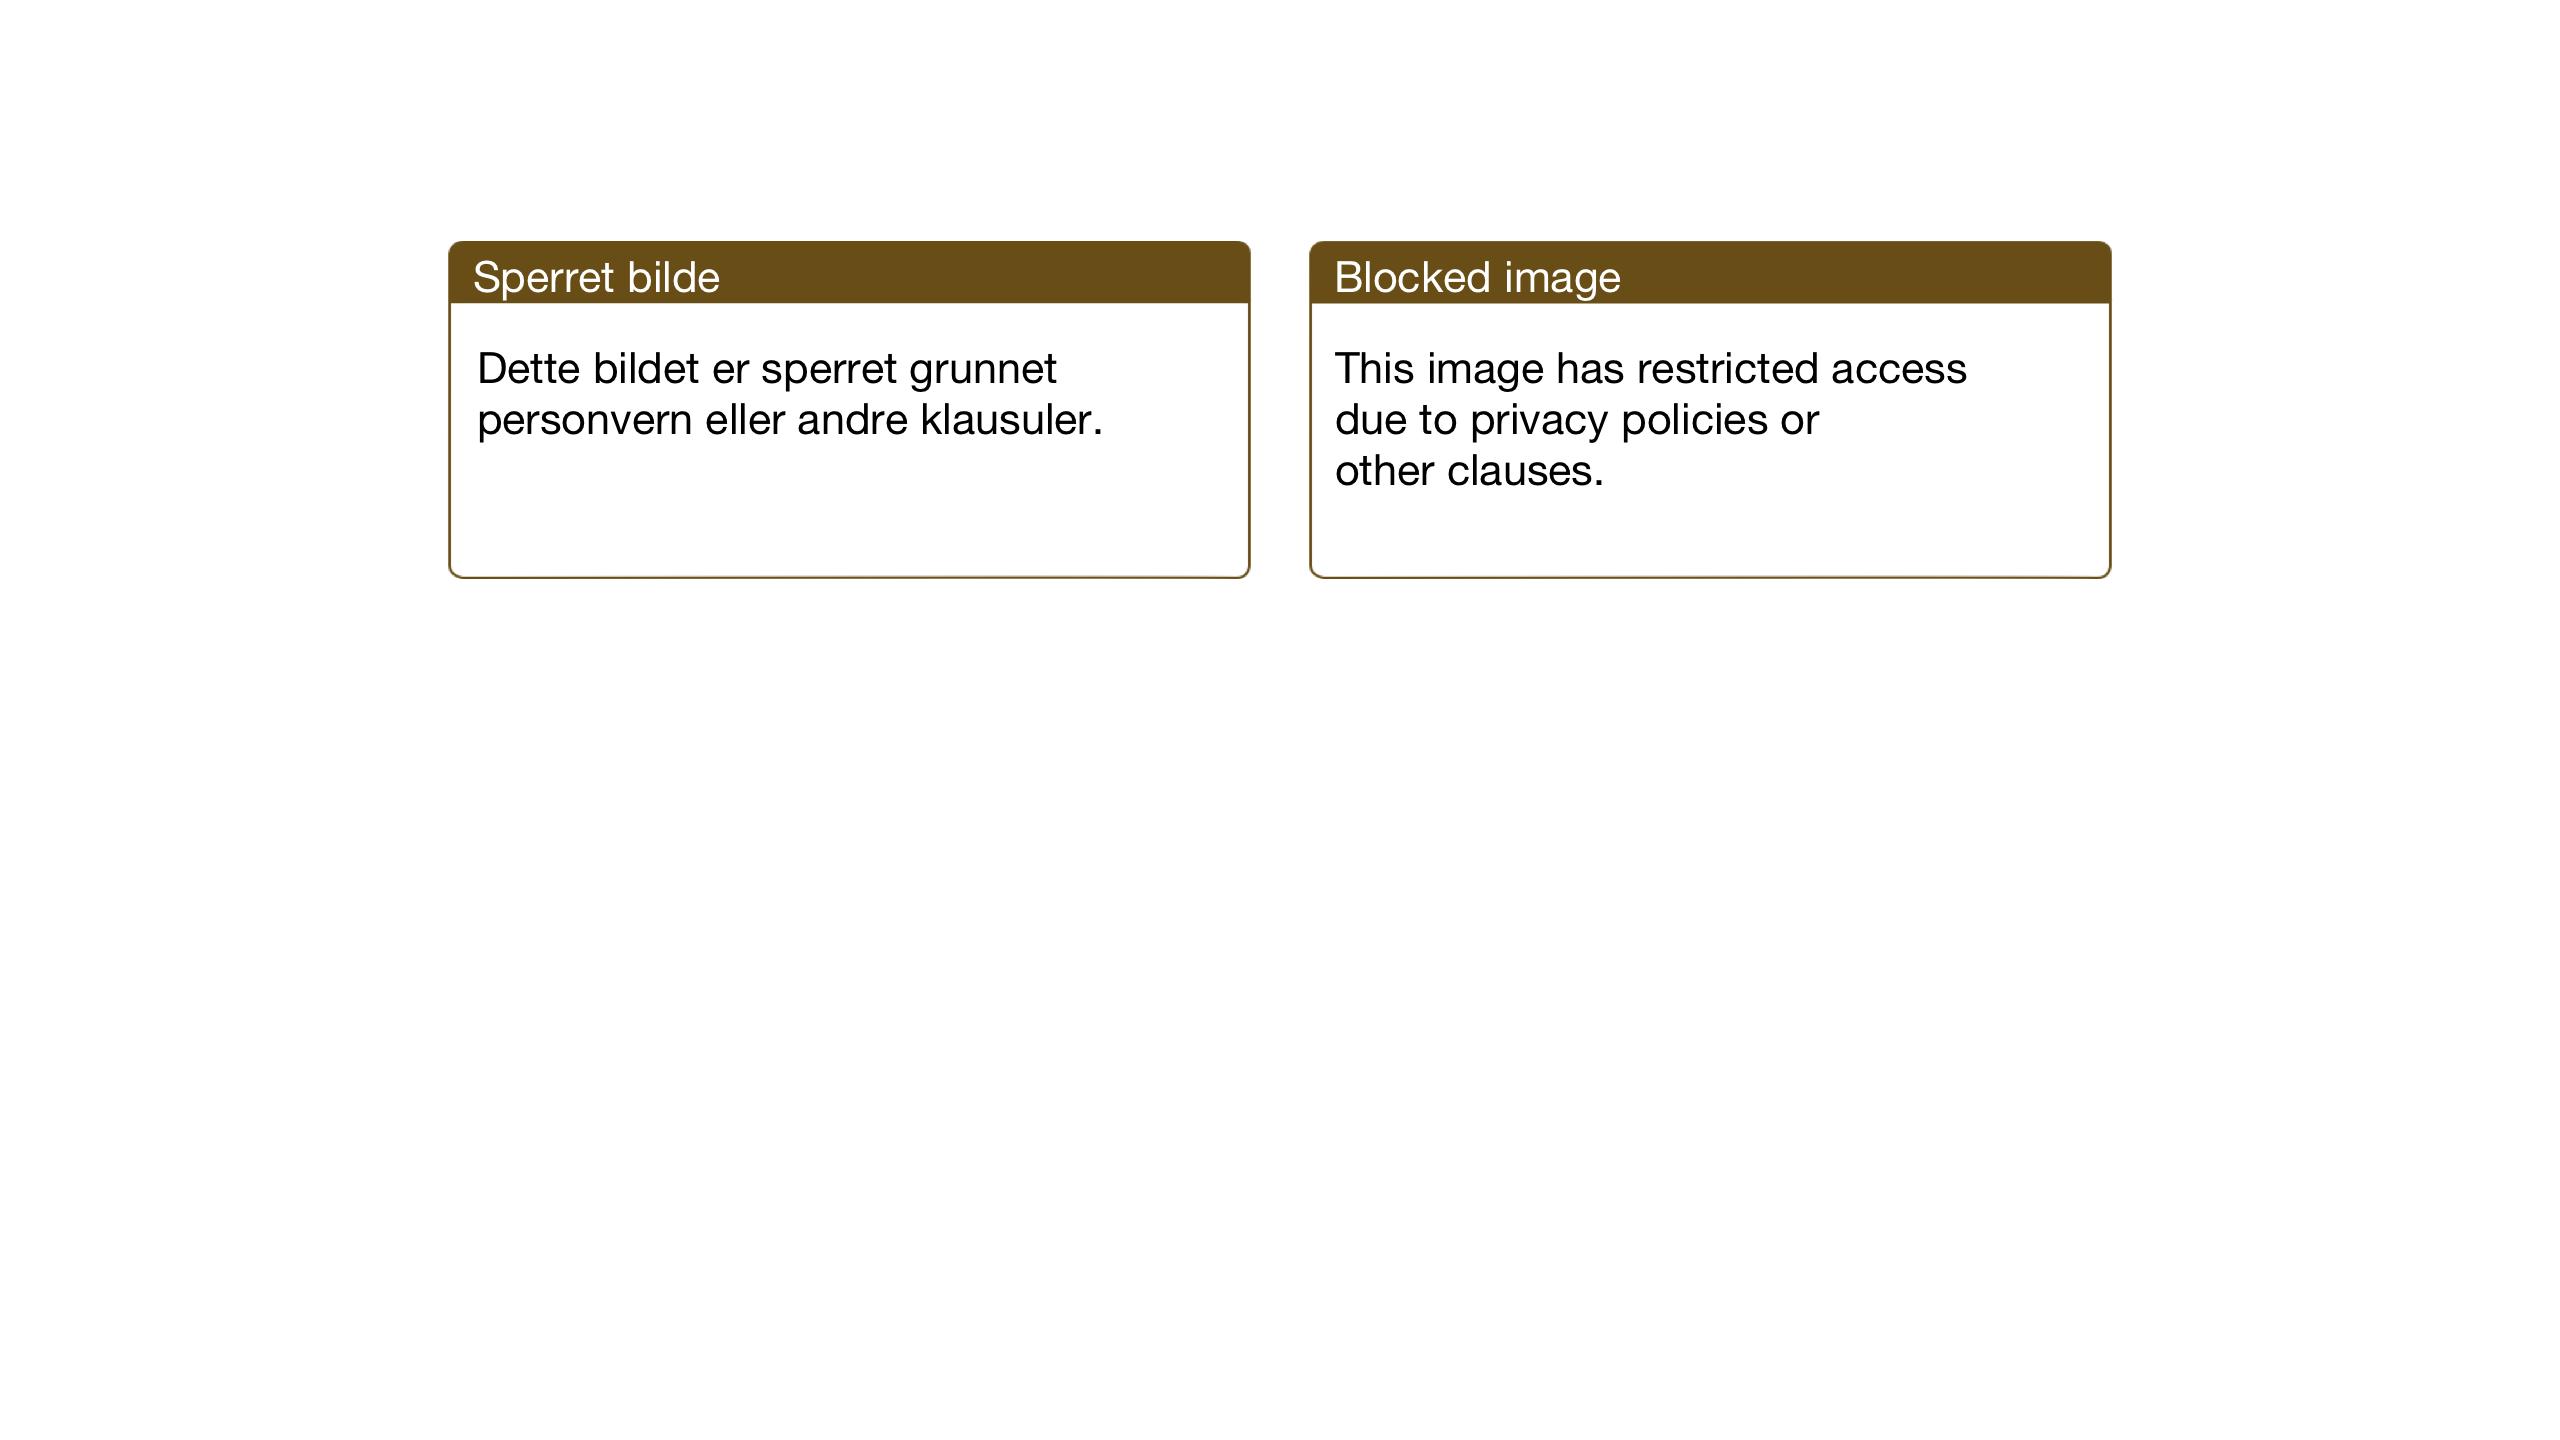 SAT, Ministerialprotokoller, klokkerbøker og fødselsregistre - Nord-Trøndelag, 770/L0592: Klokkerbok nr. 770C03, 1941-1950, s. 156